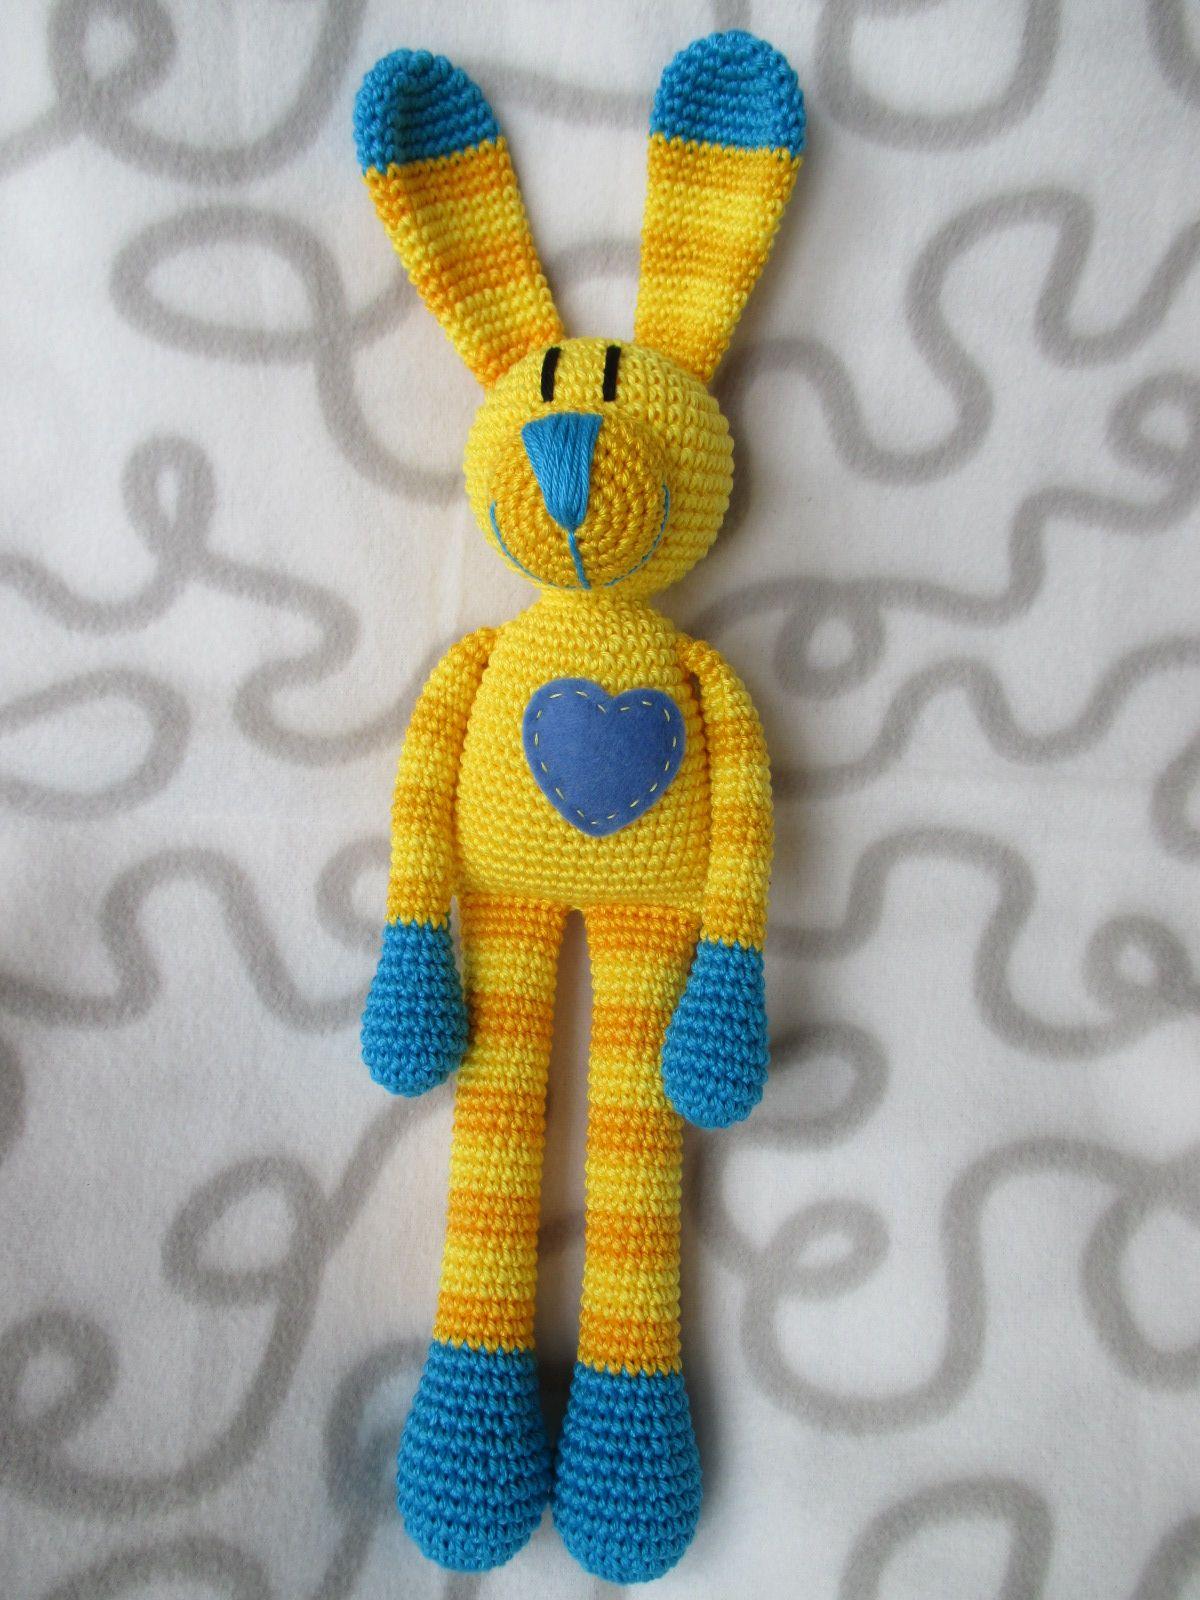 Sunny the bunny :-)